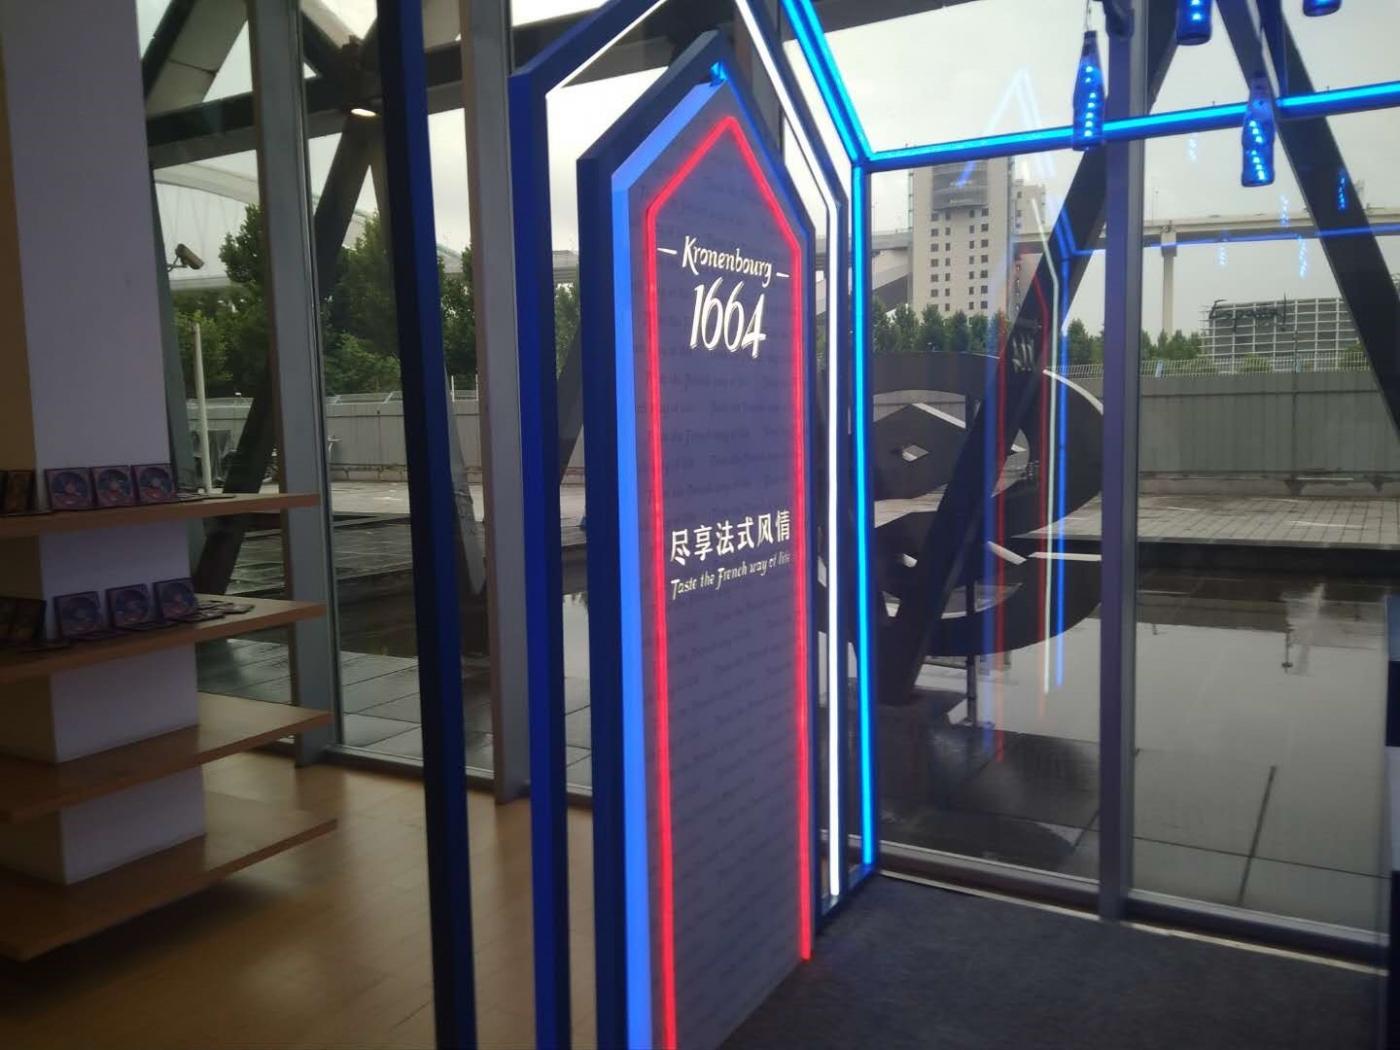 上海民生美术馆:夏至音乐会开幕式_图1-2